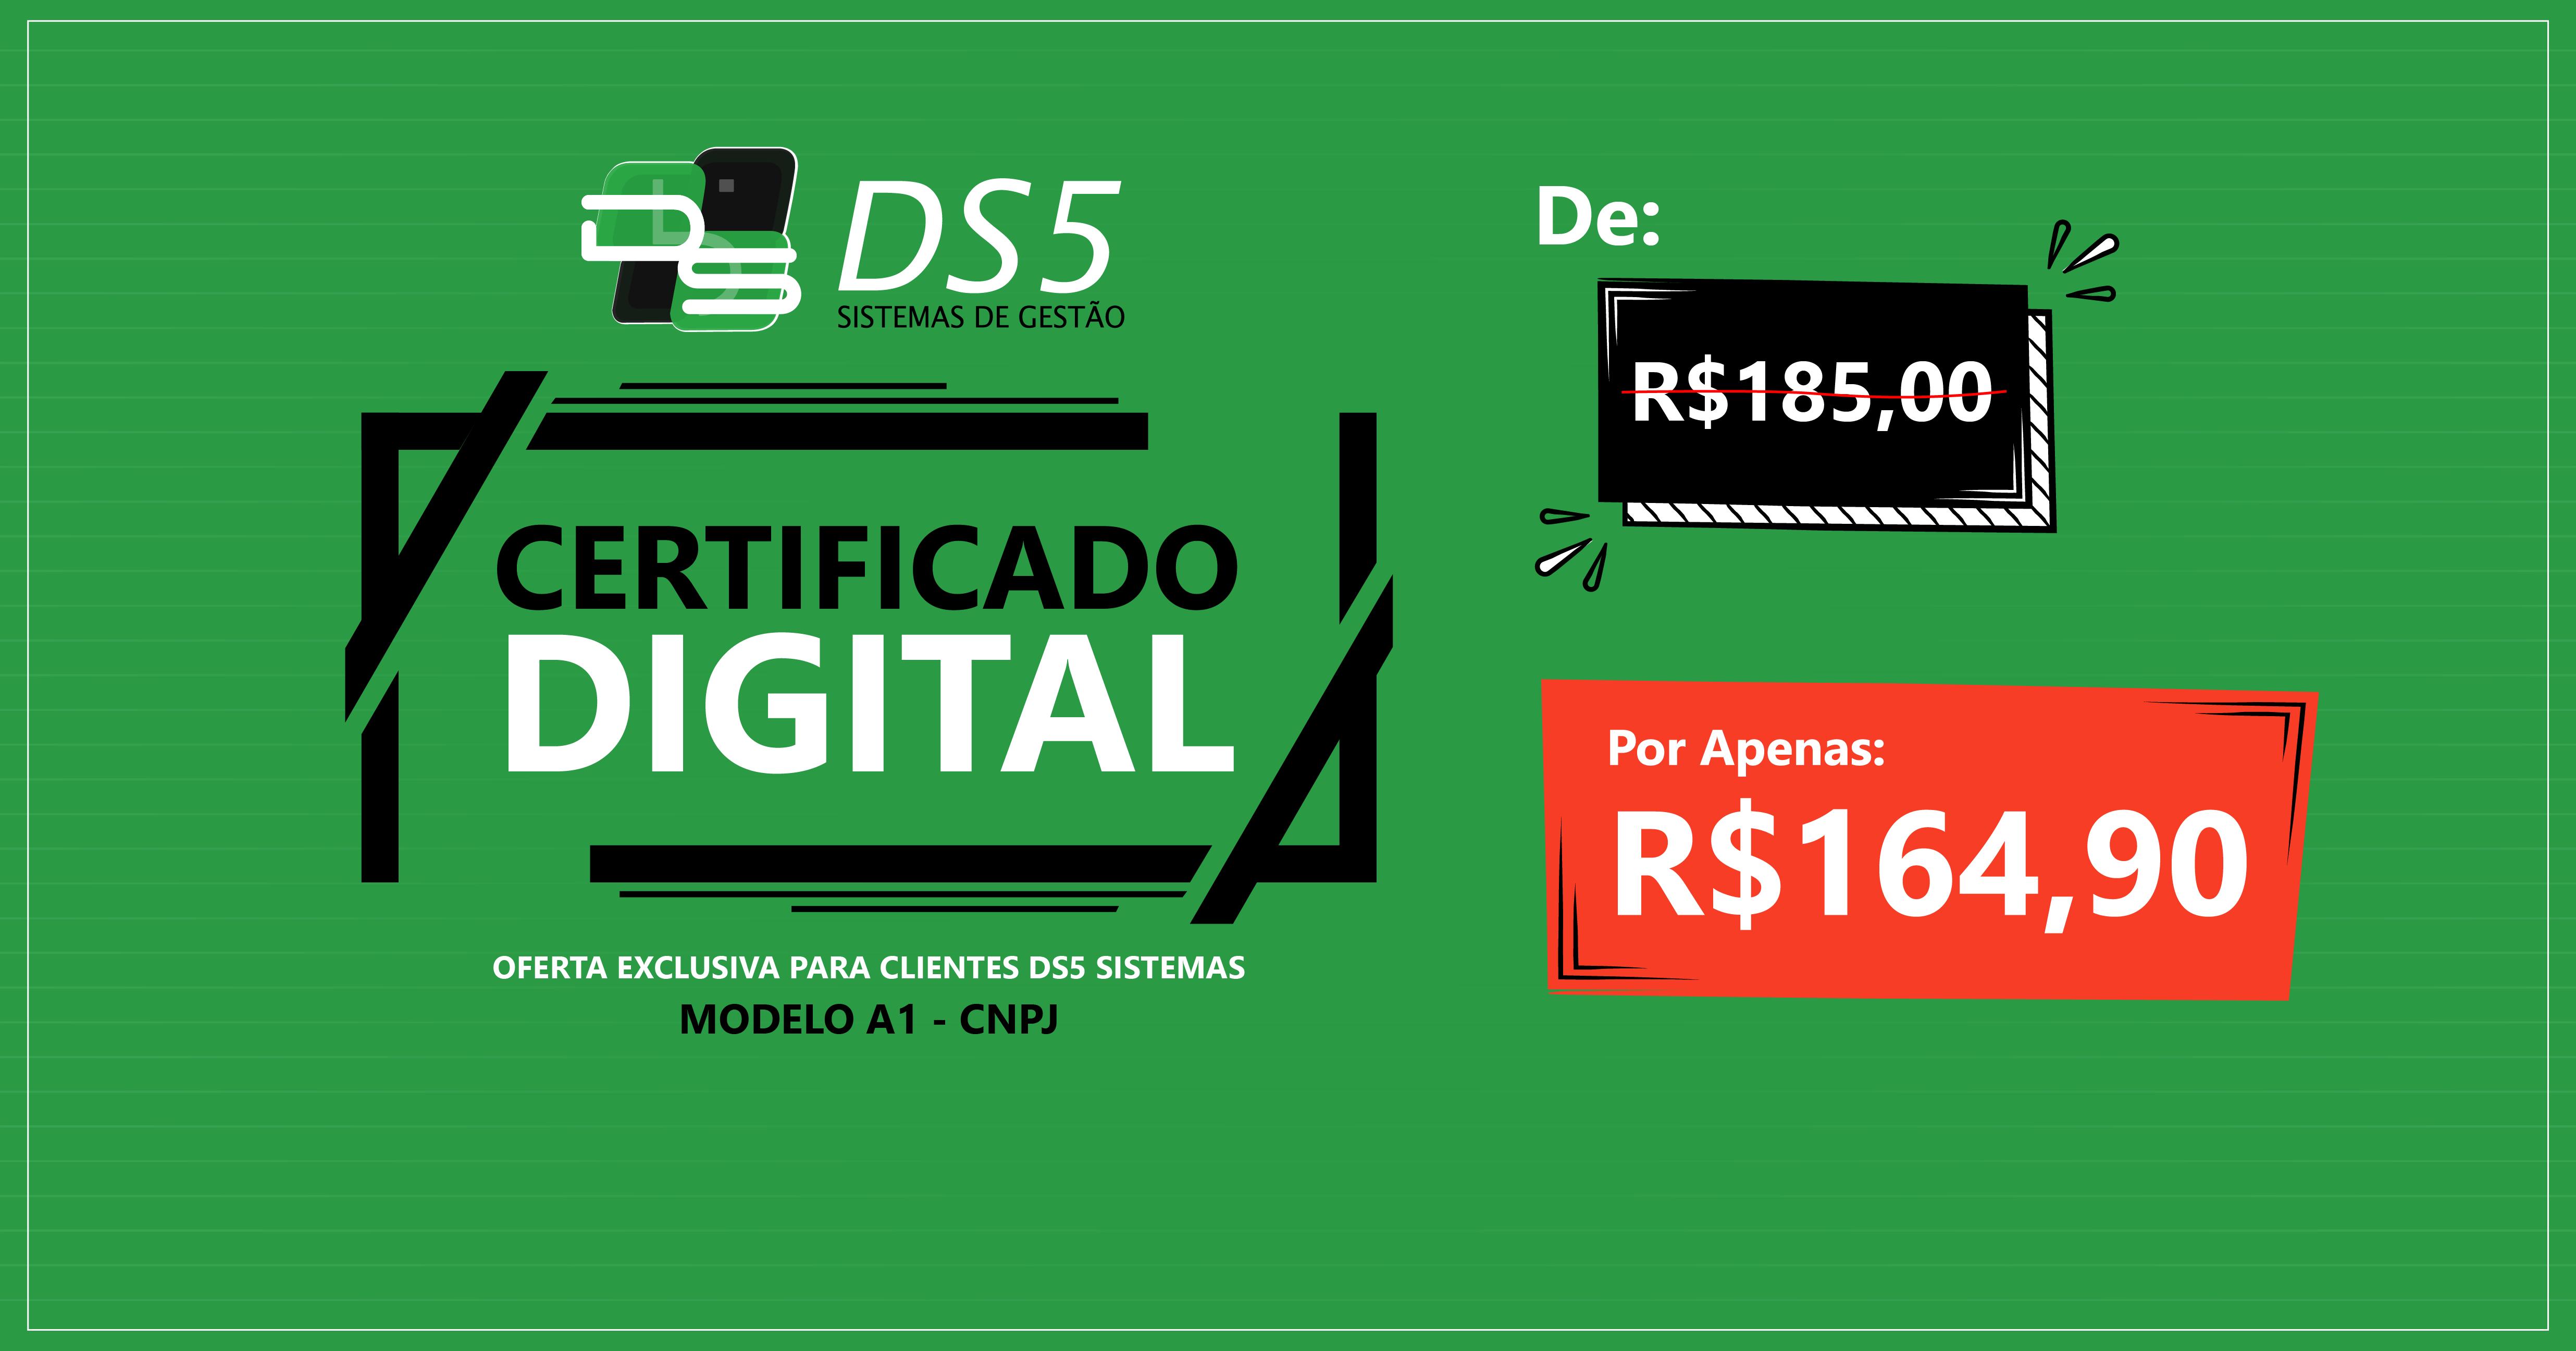 Promoção: Certificado Digital